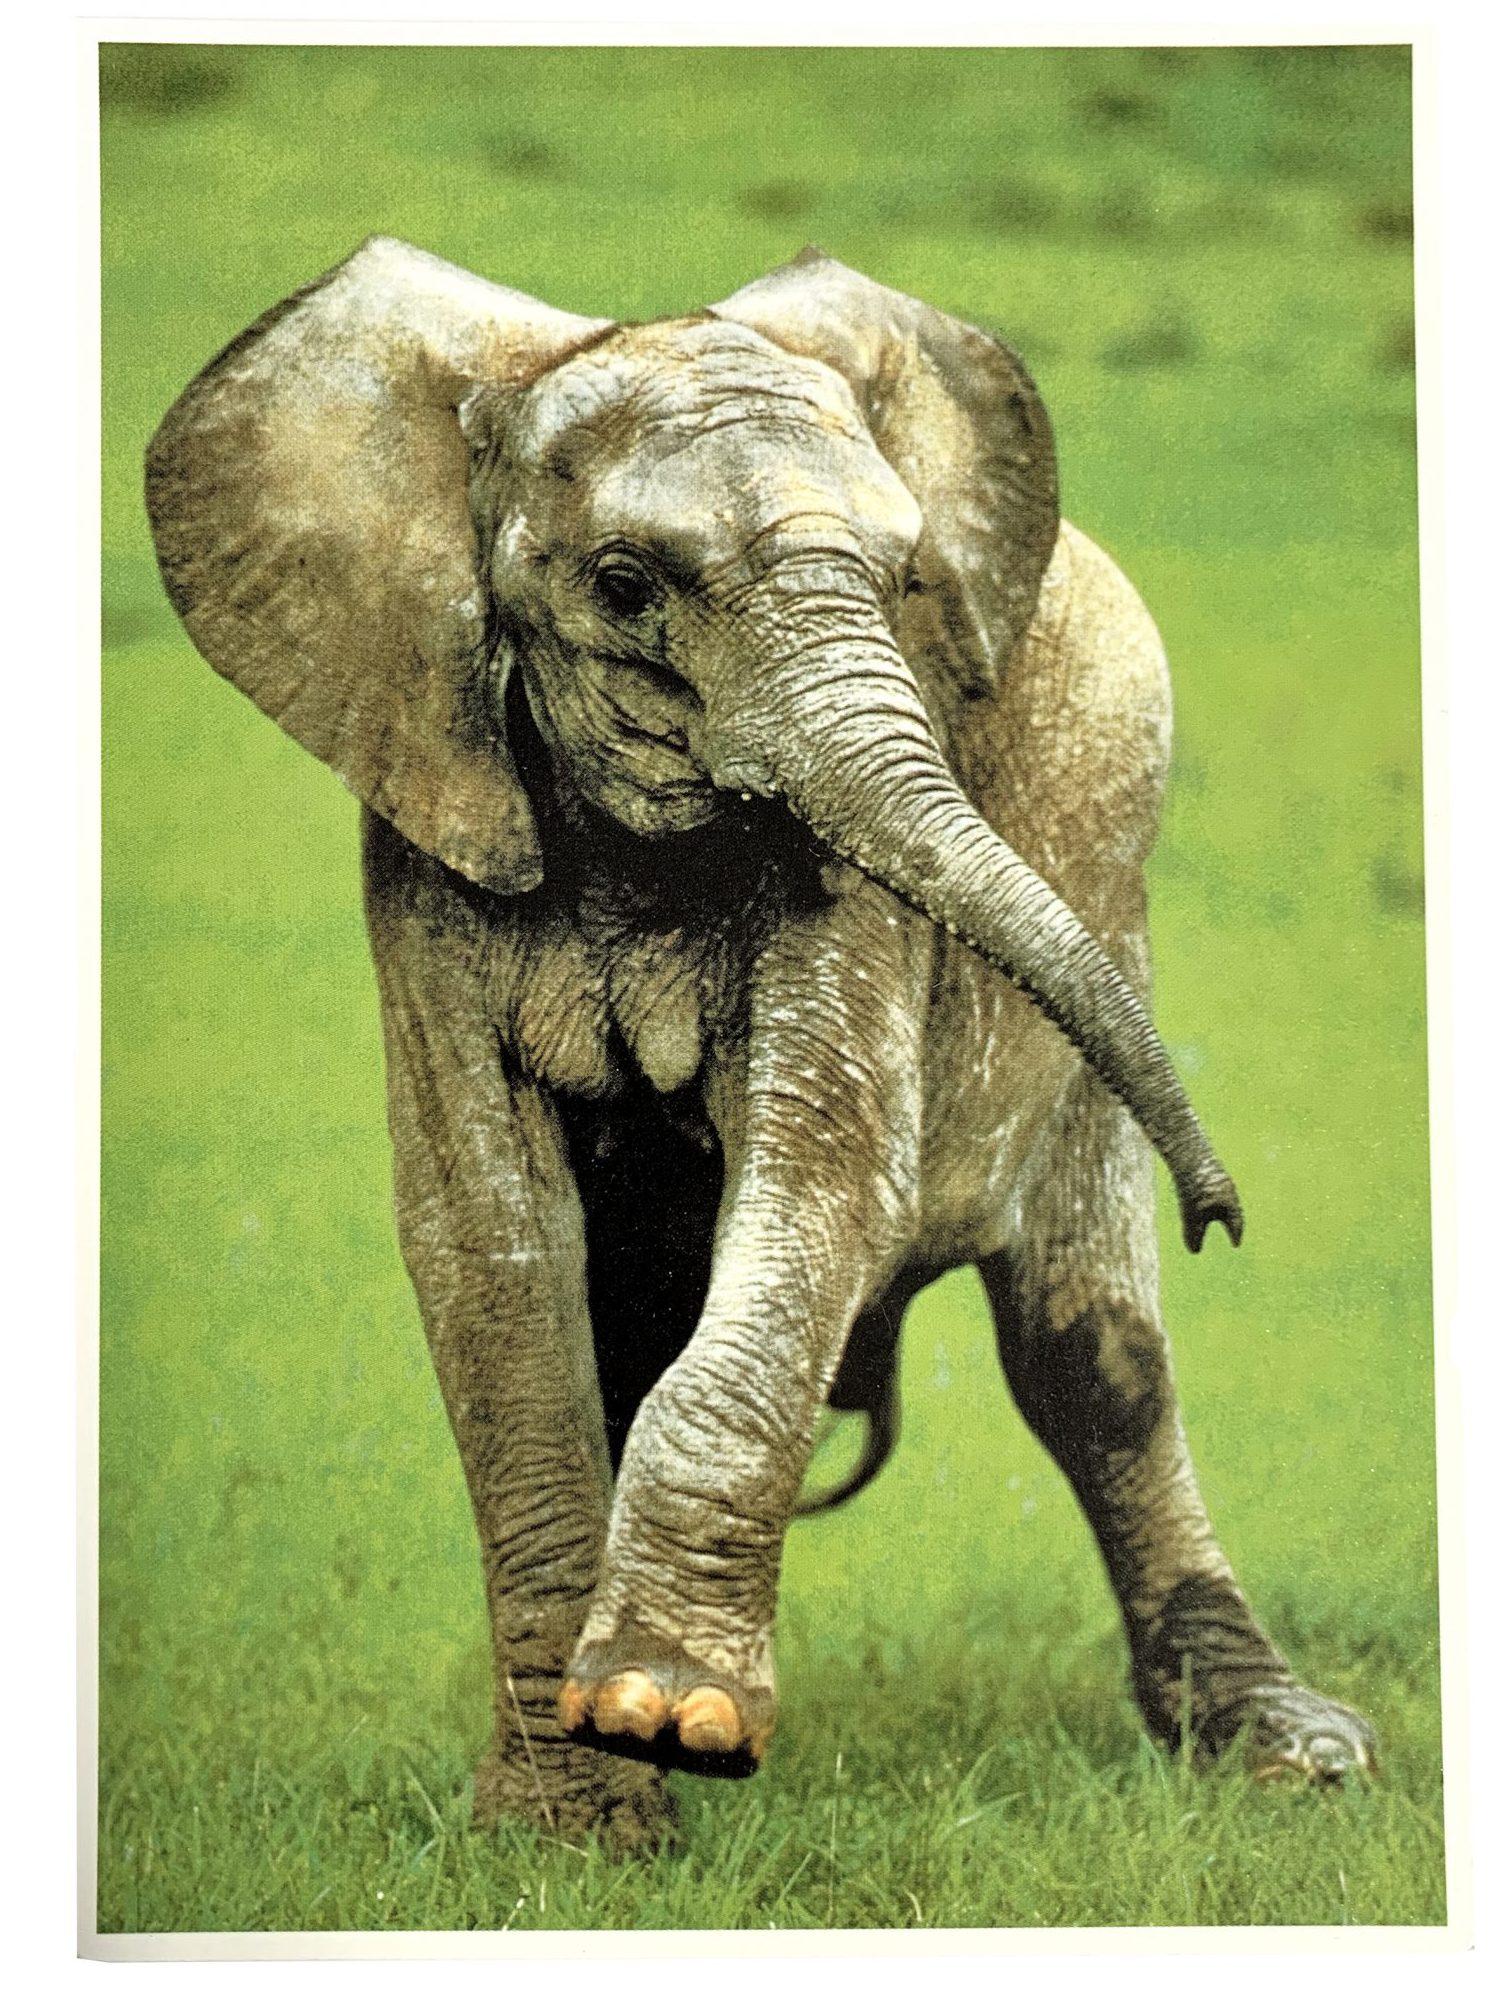 Kaart Babyolifantje In Het Gras